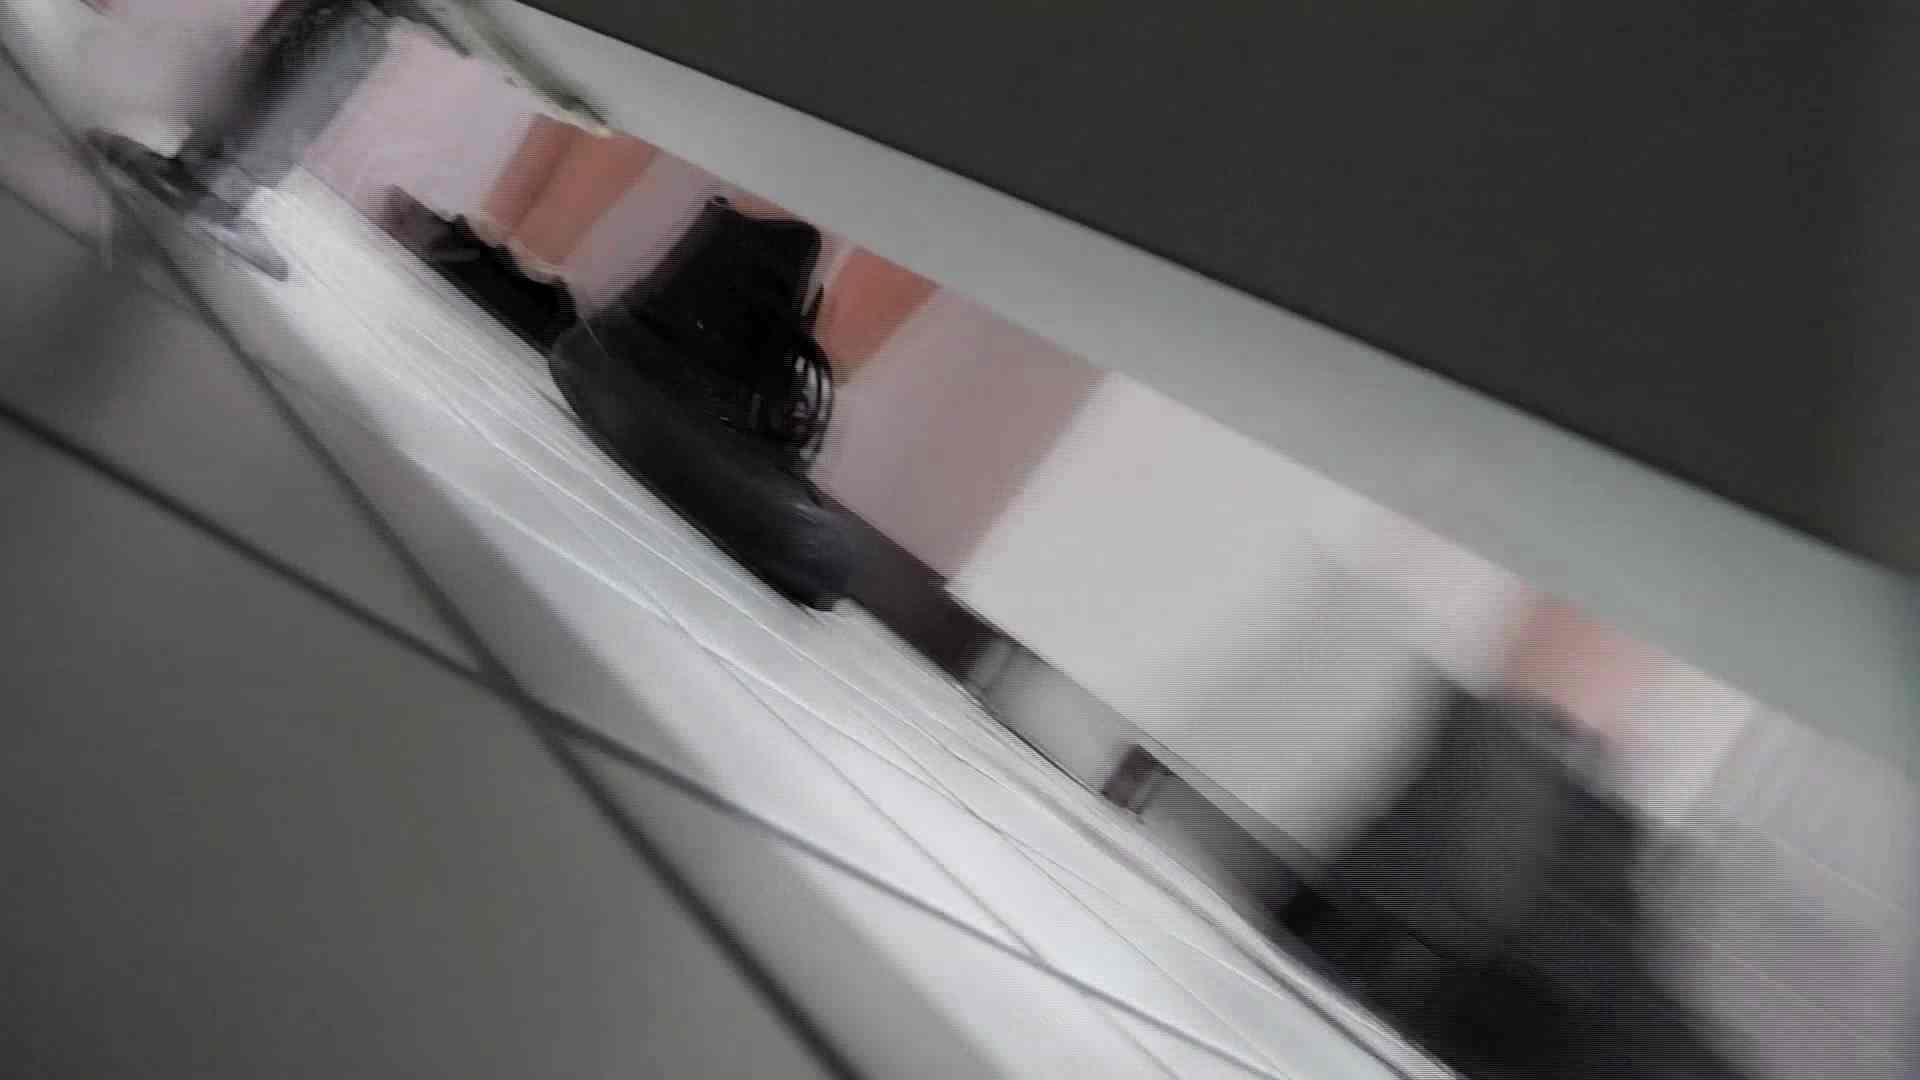 美しい日本の未来 No.26 美女偏差値オール90 盗撮大放出 すけべAV動画紹介 100連発 37